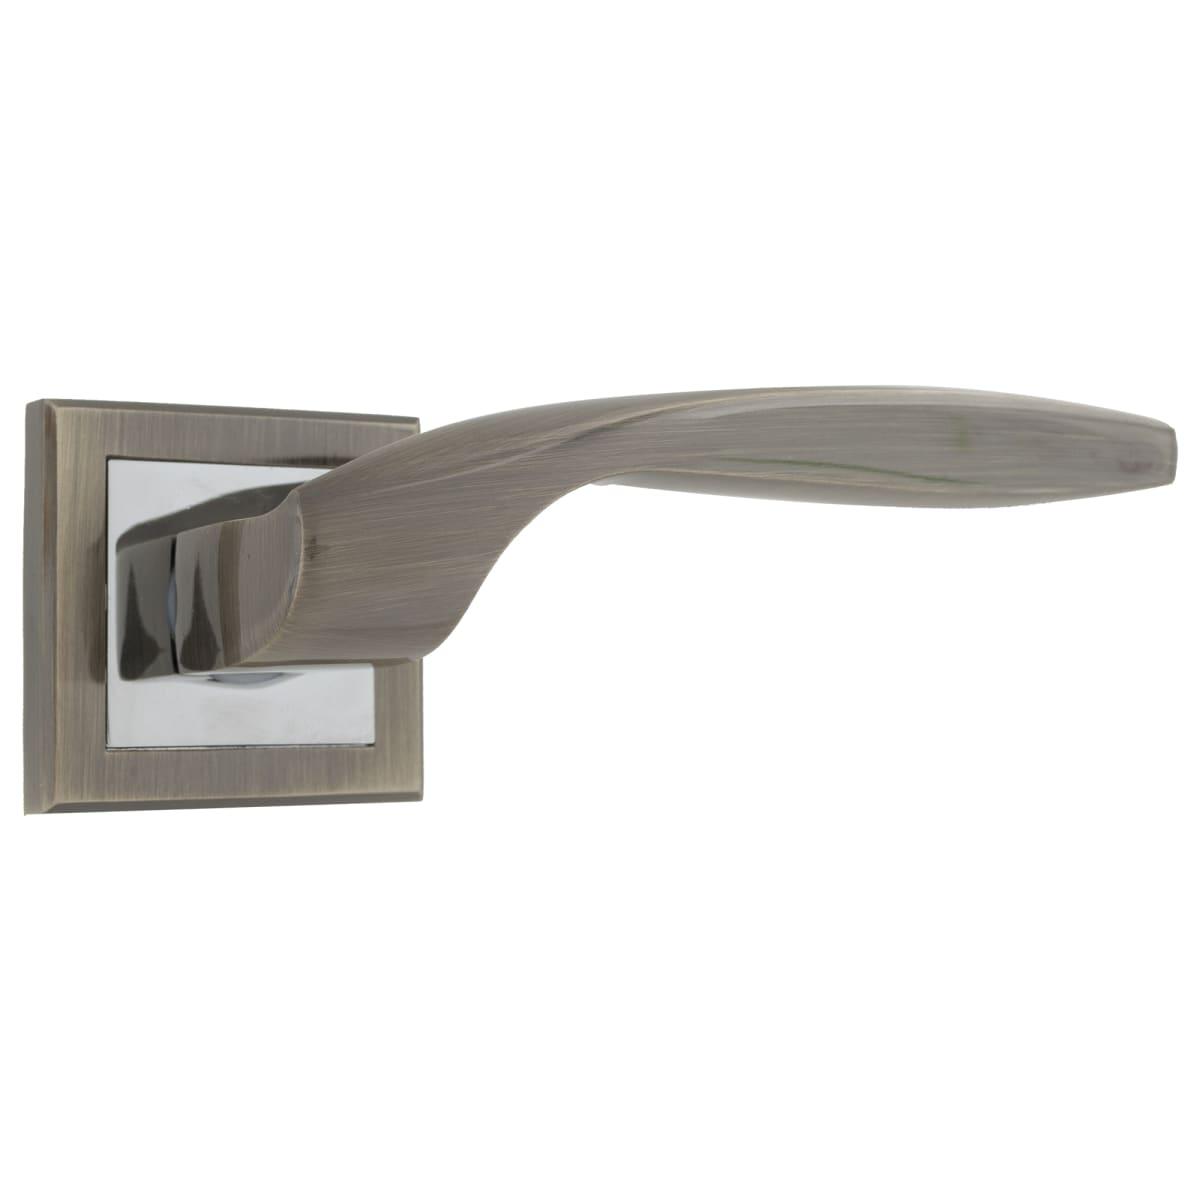 Ручки дверные на розетке Kerron DR7160, цвет бронза/хром